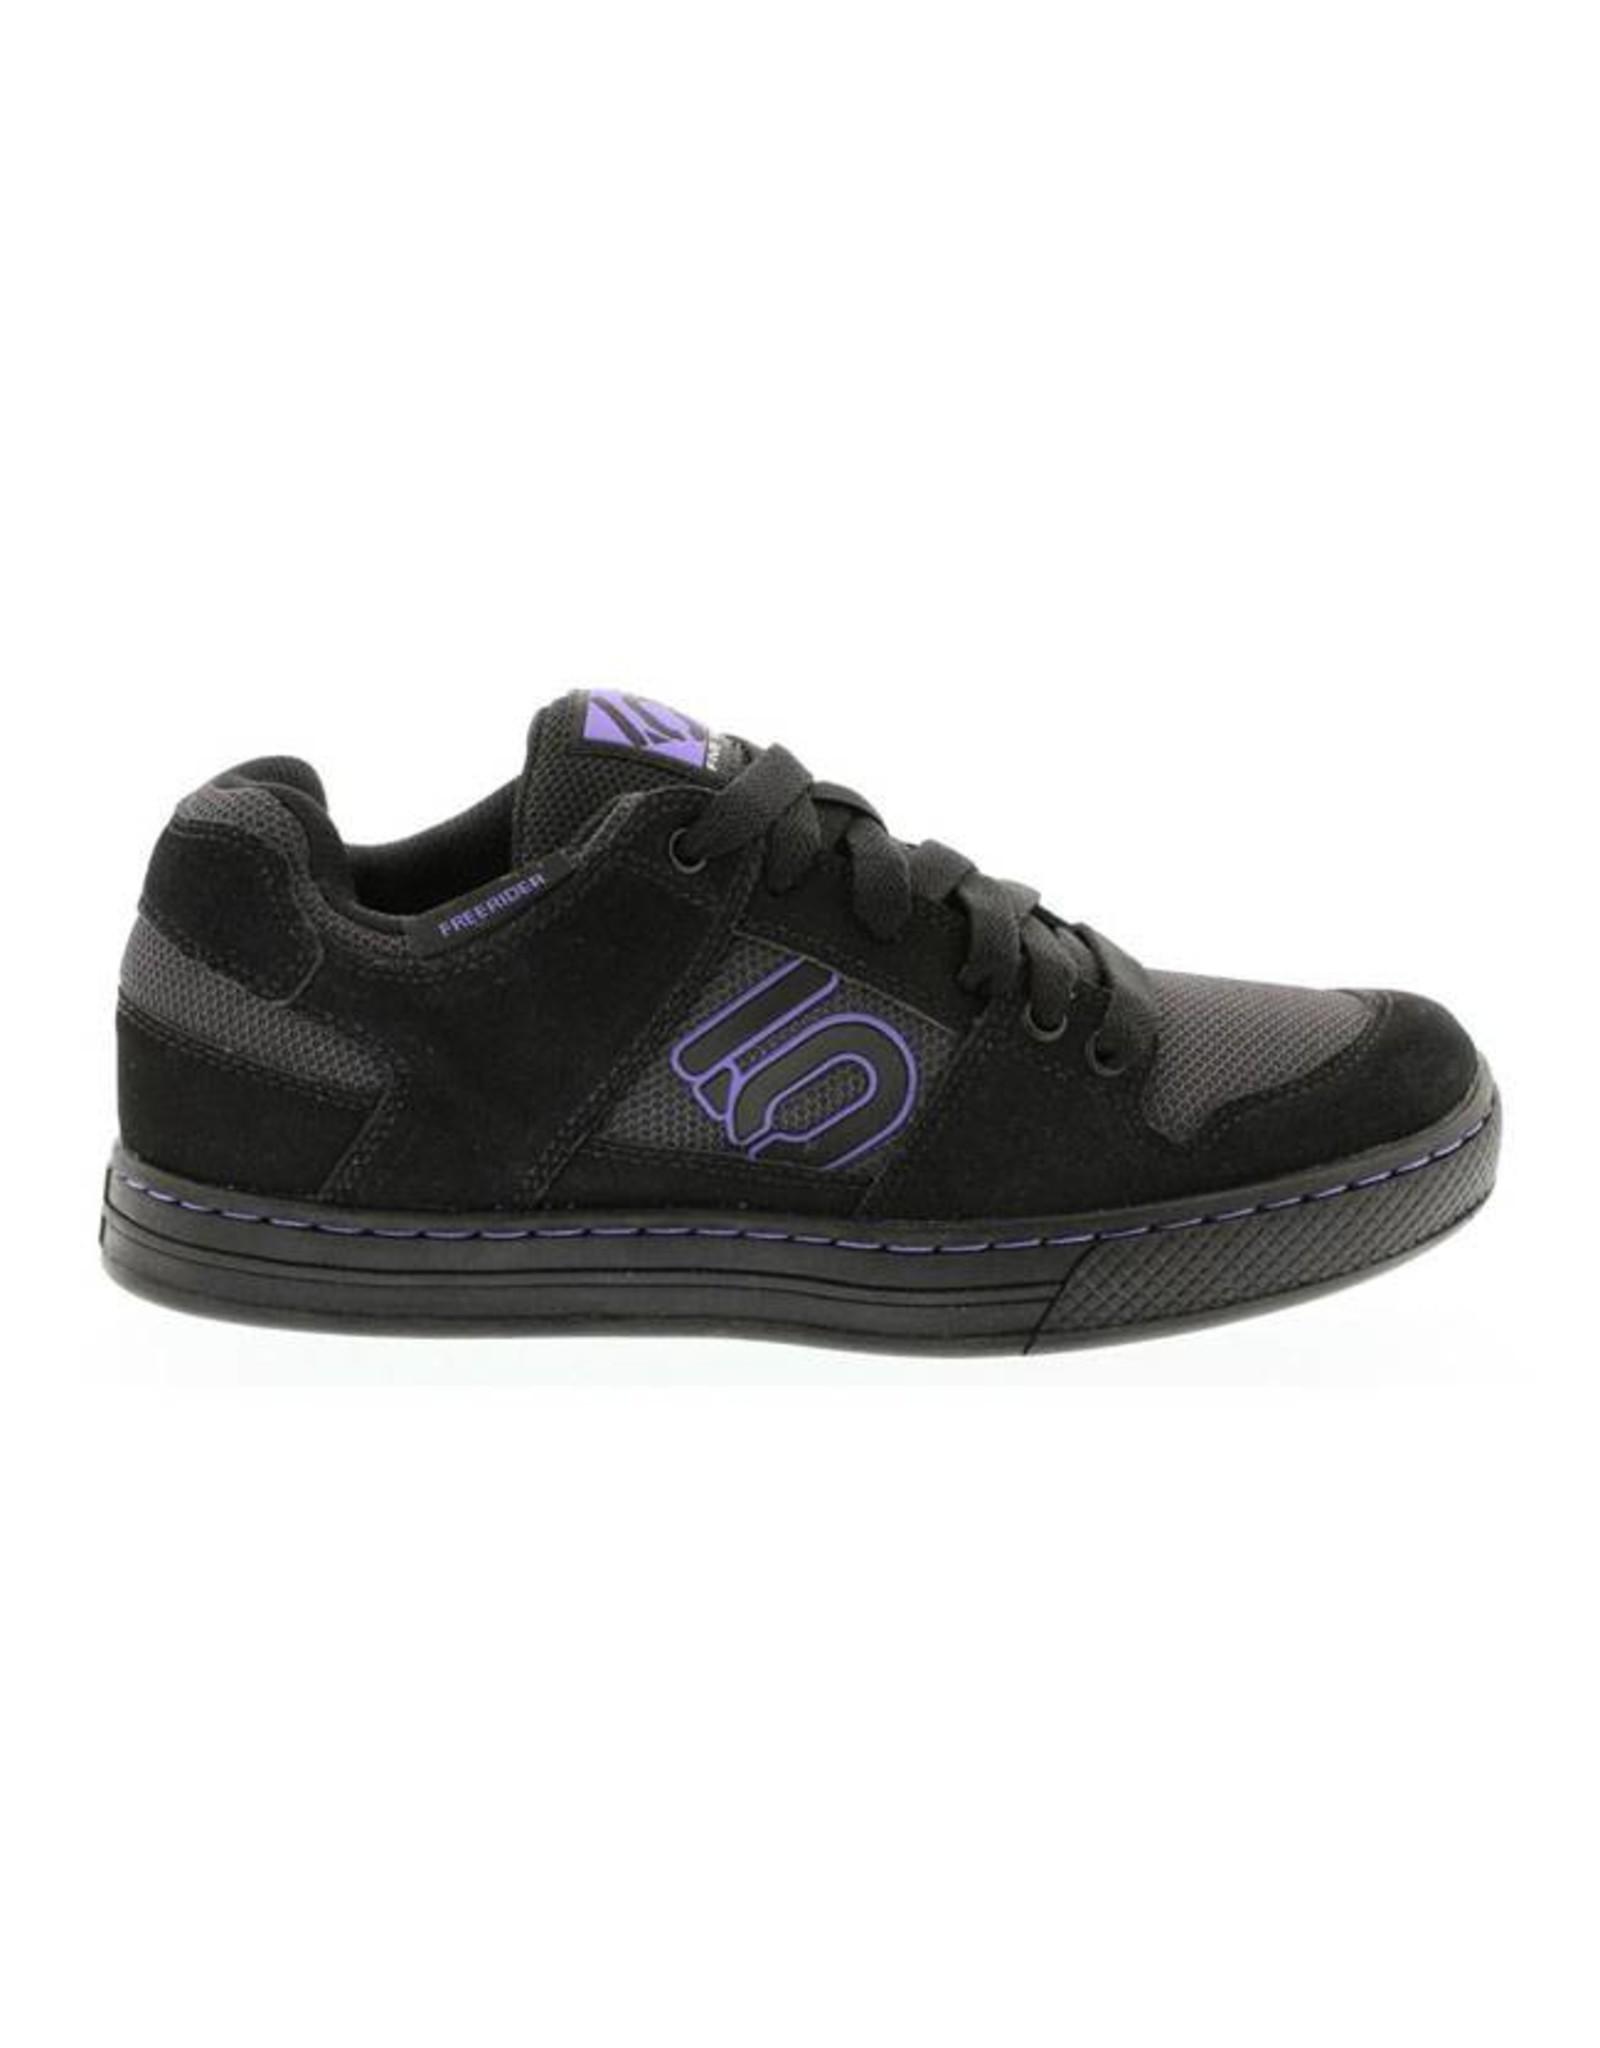 Five Ten Five Ten Freerider Women's Flat Pedal Shoe: Black/Purple 6